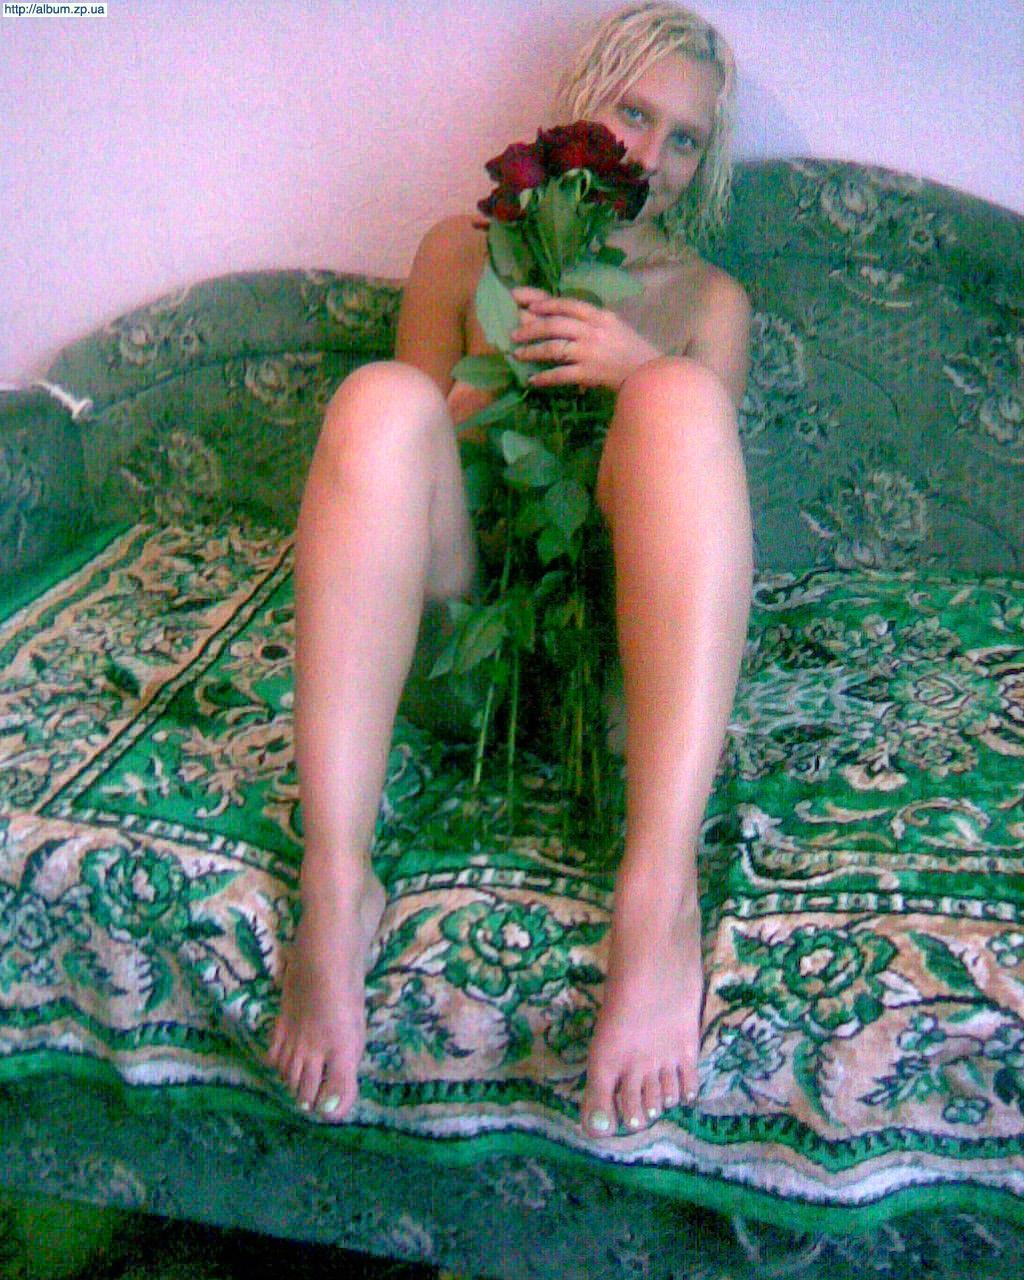 Эротика по русская 23 фотография